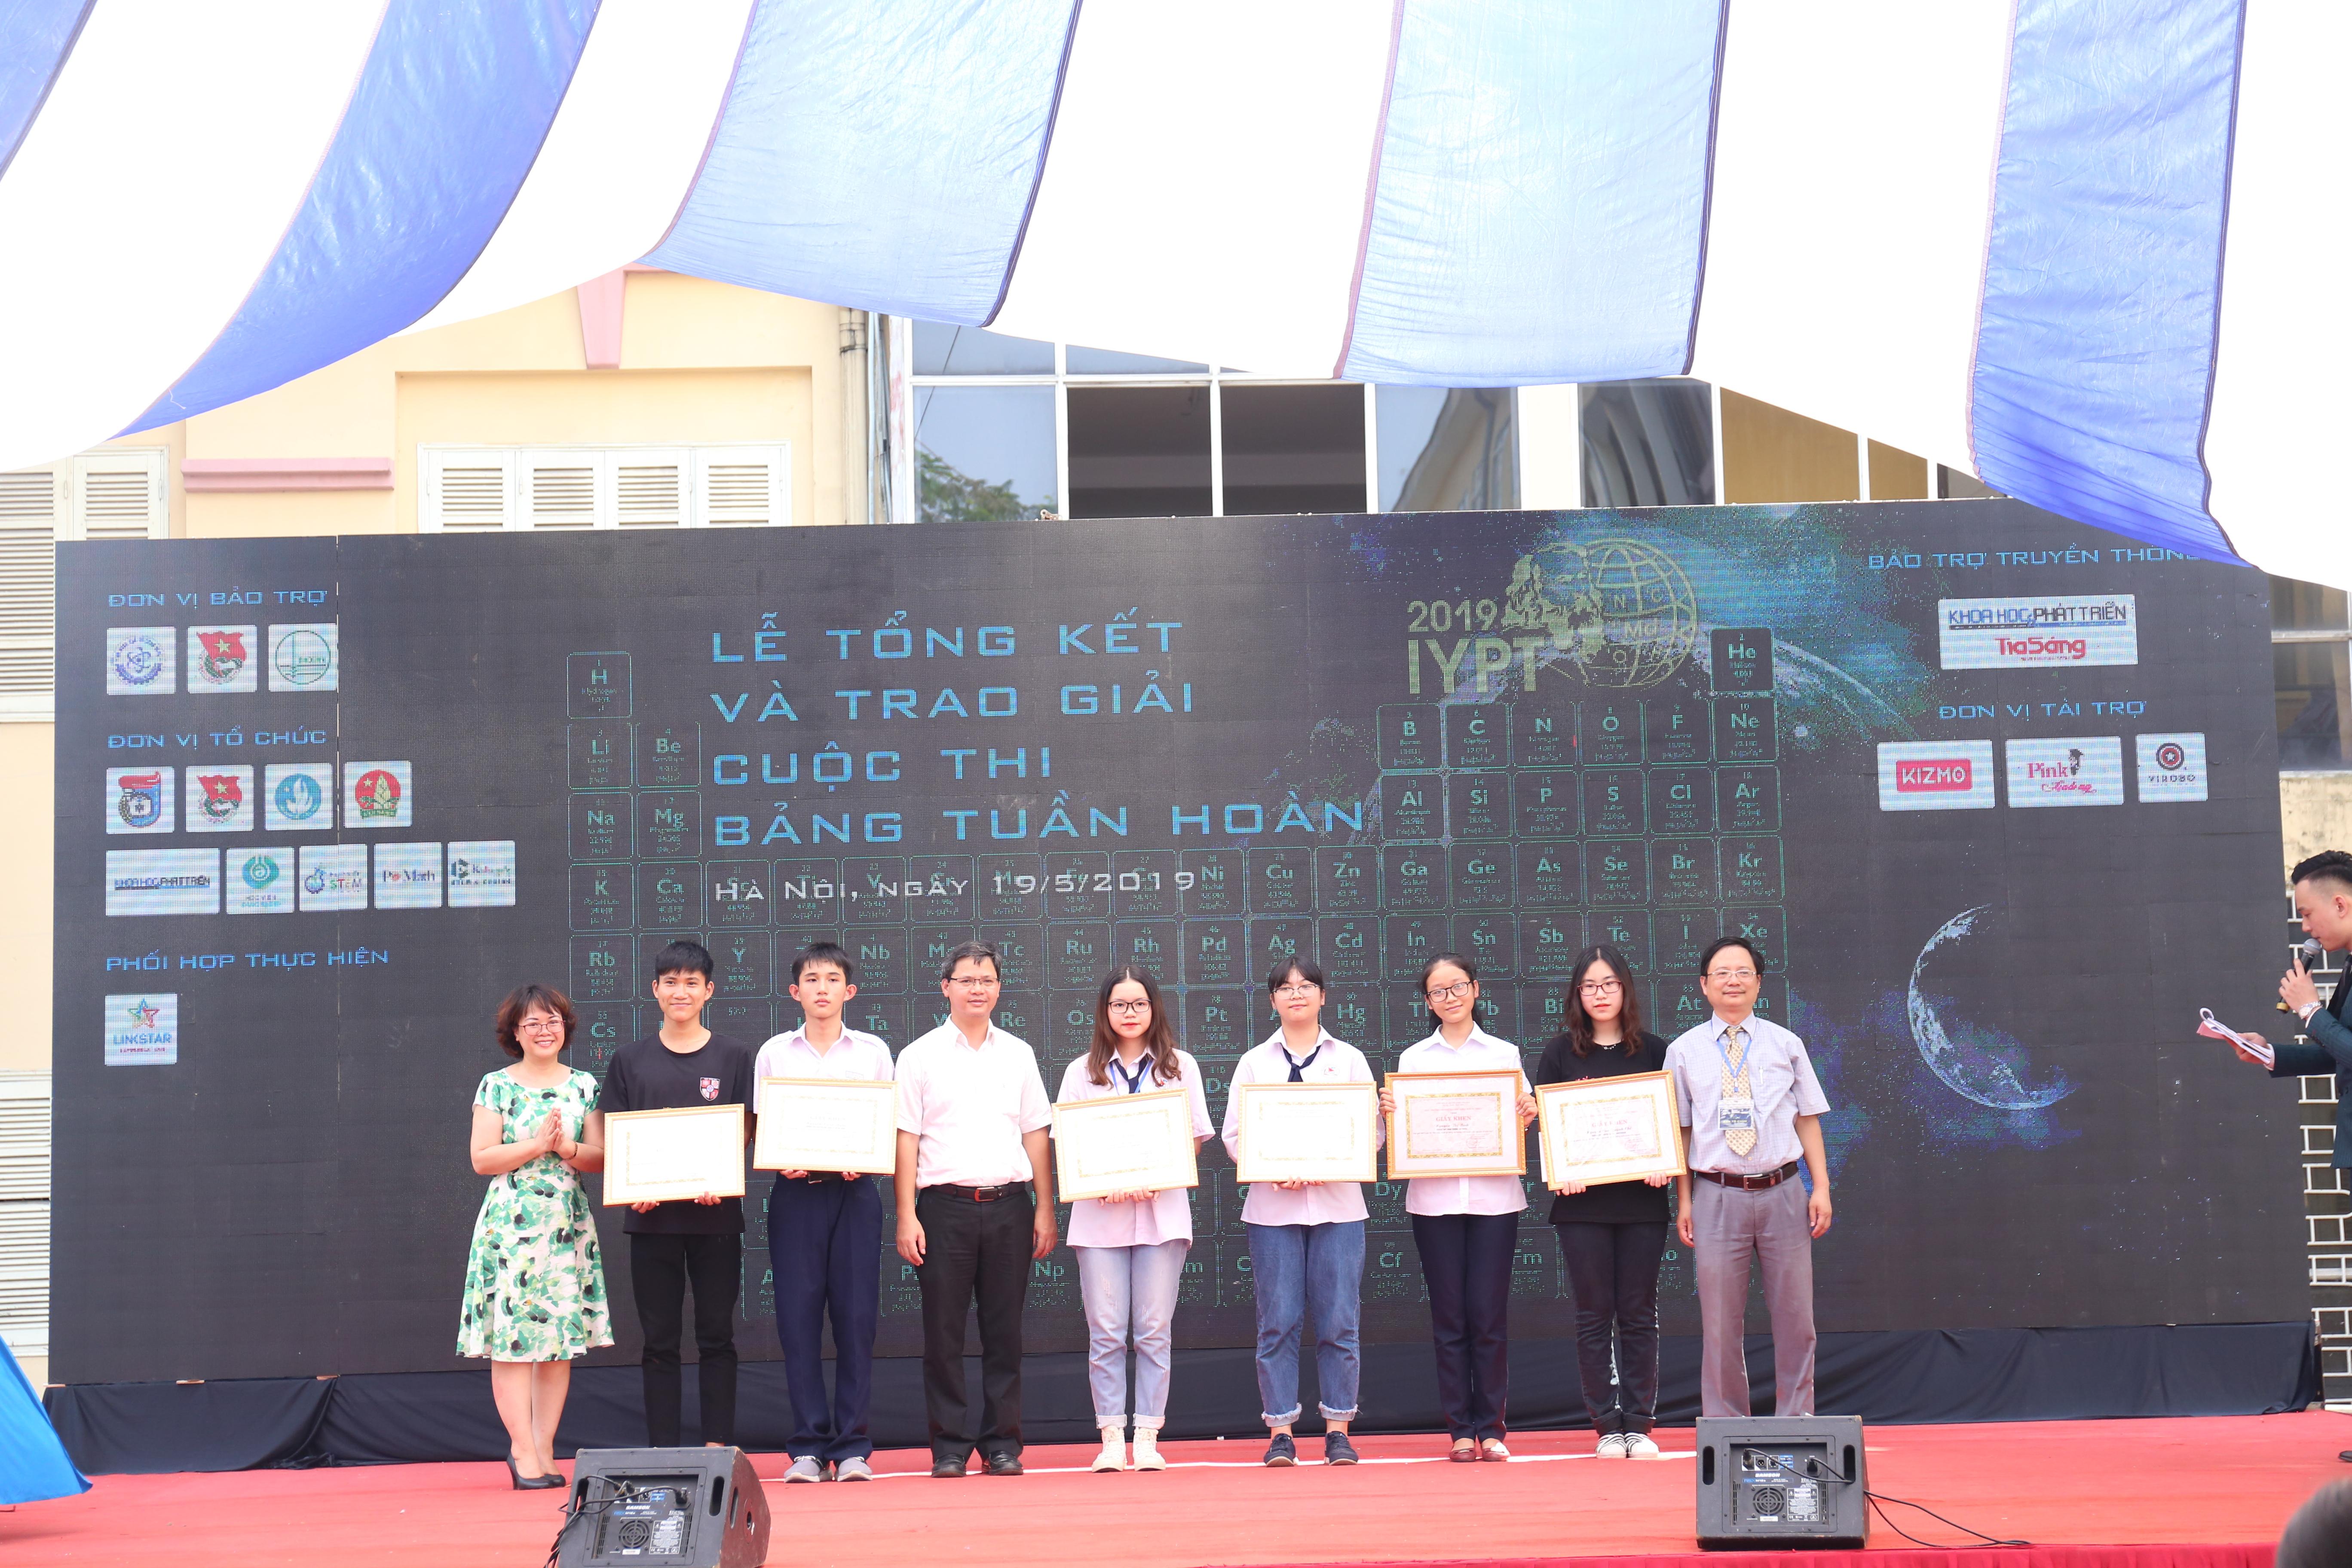 Đại diện các nhóm giải nhì của cuộc thi về bảng tuần hoàn | Ảnh:Ngô Hà